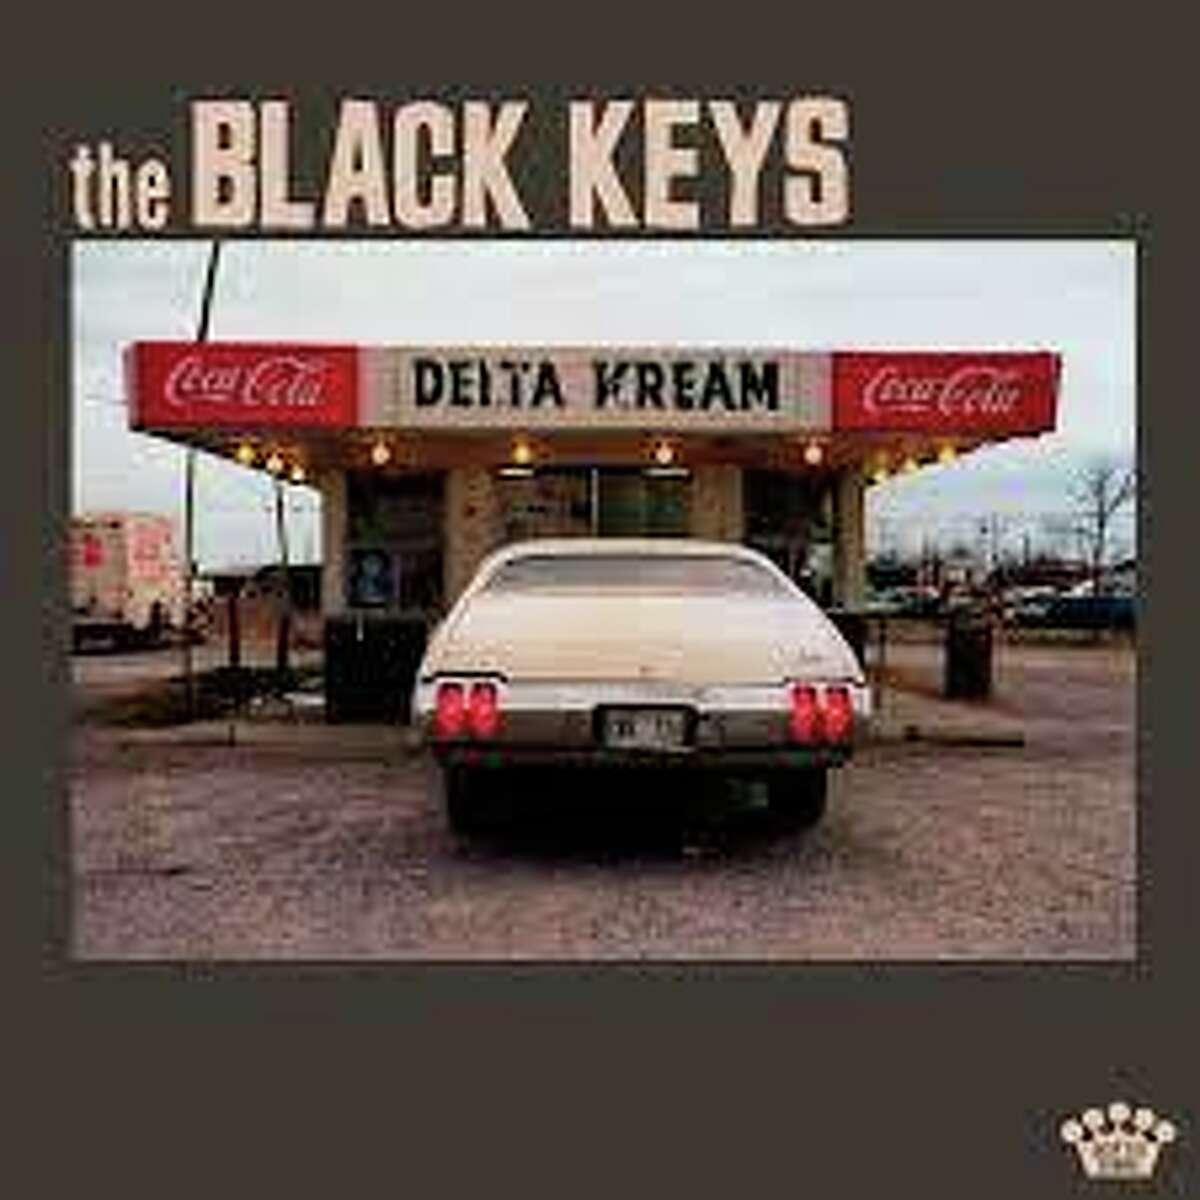 """Portada del disco """"Delta Kream"""" de The Black Keys."""